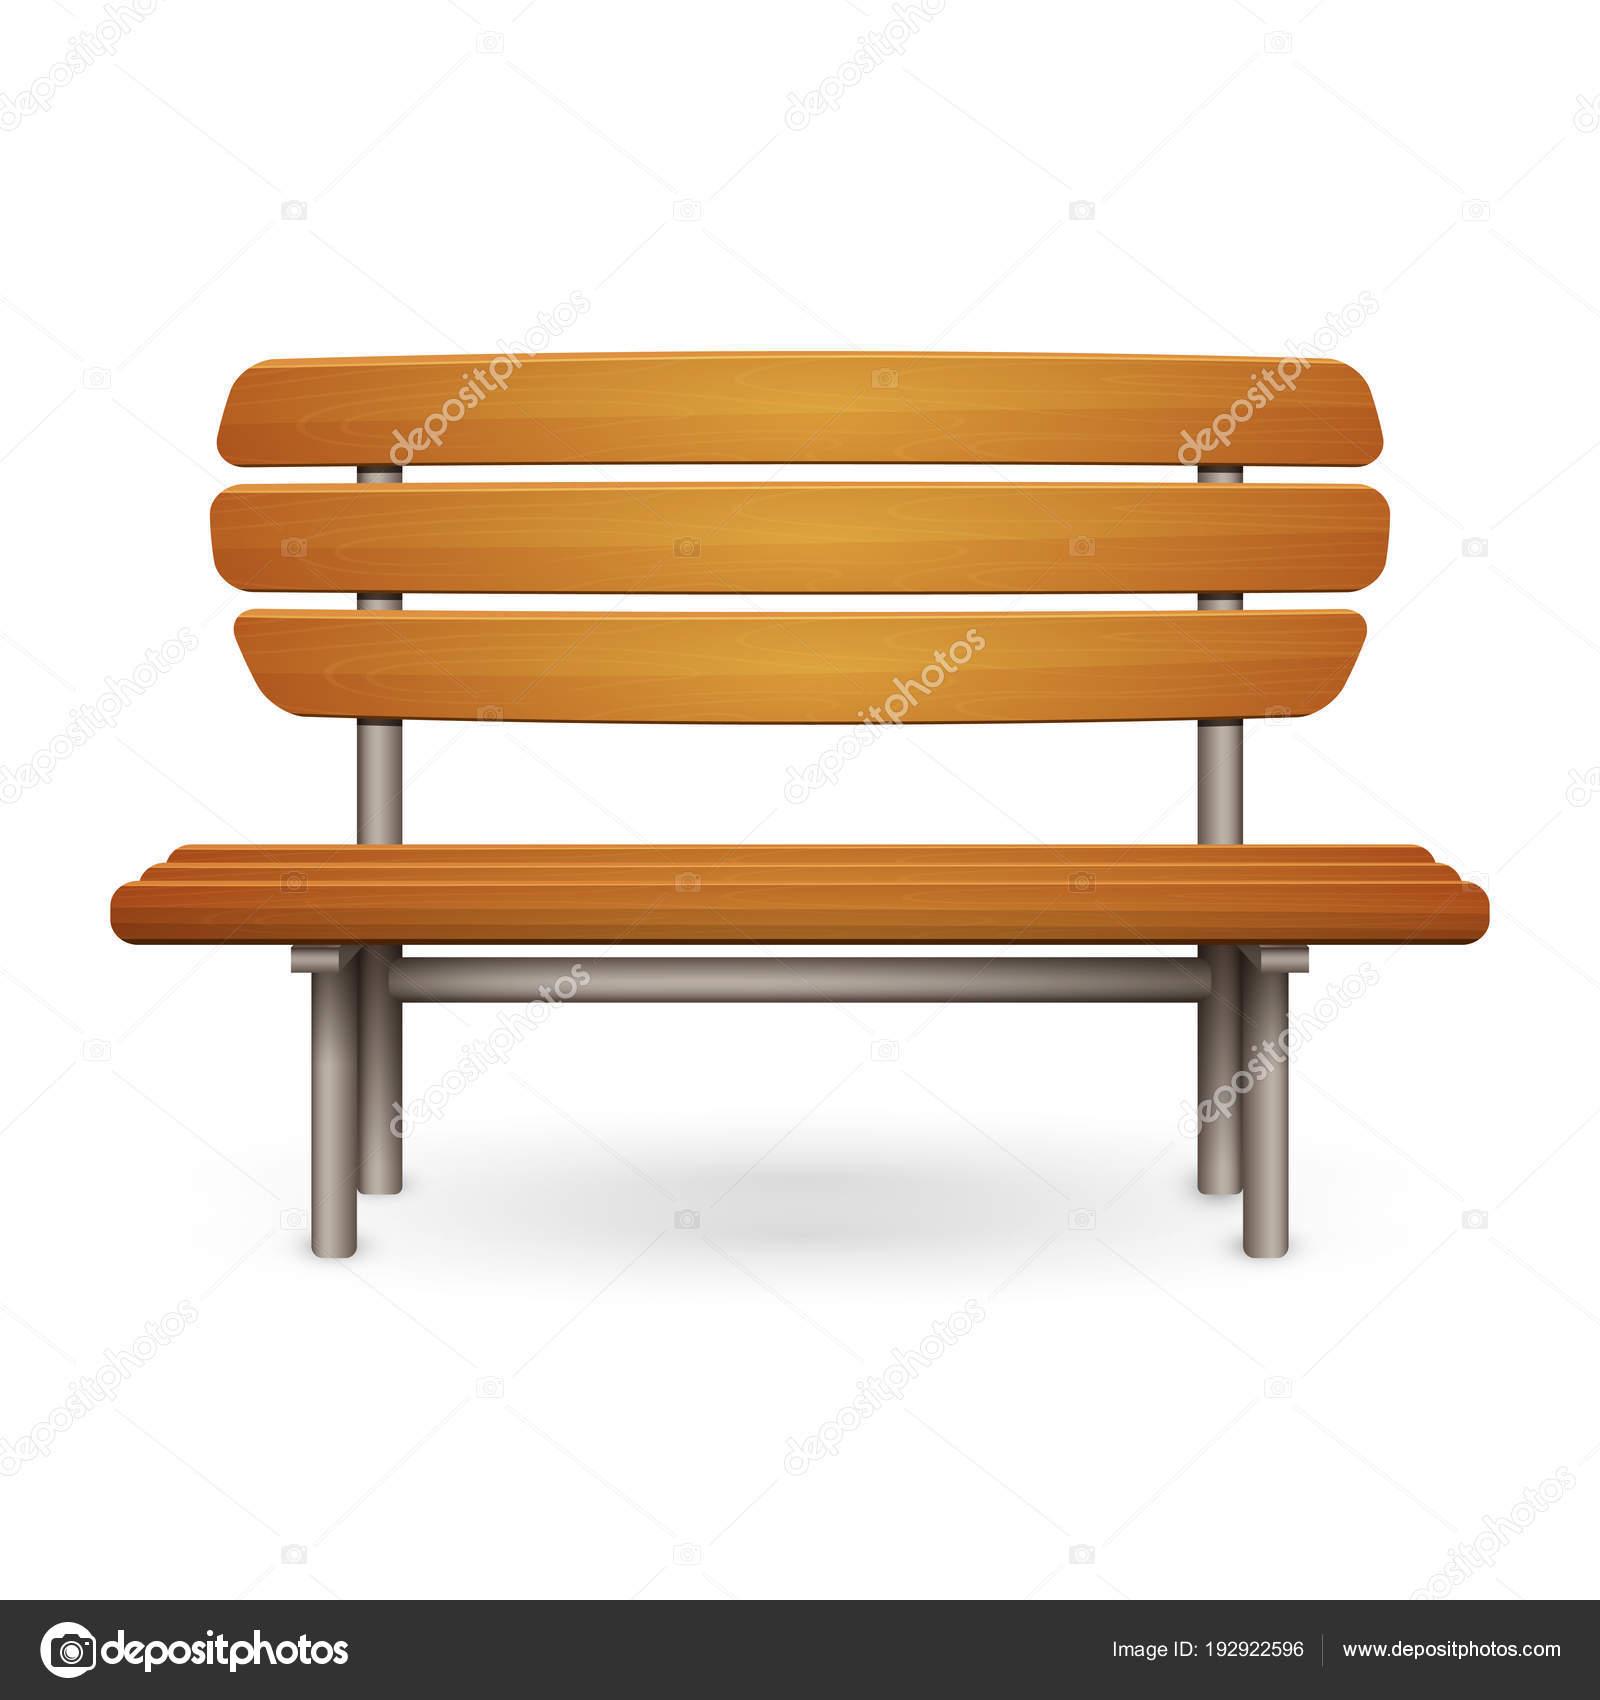 Empty wooden park bench with metal frame — Stock Vector © JudgeBat ...